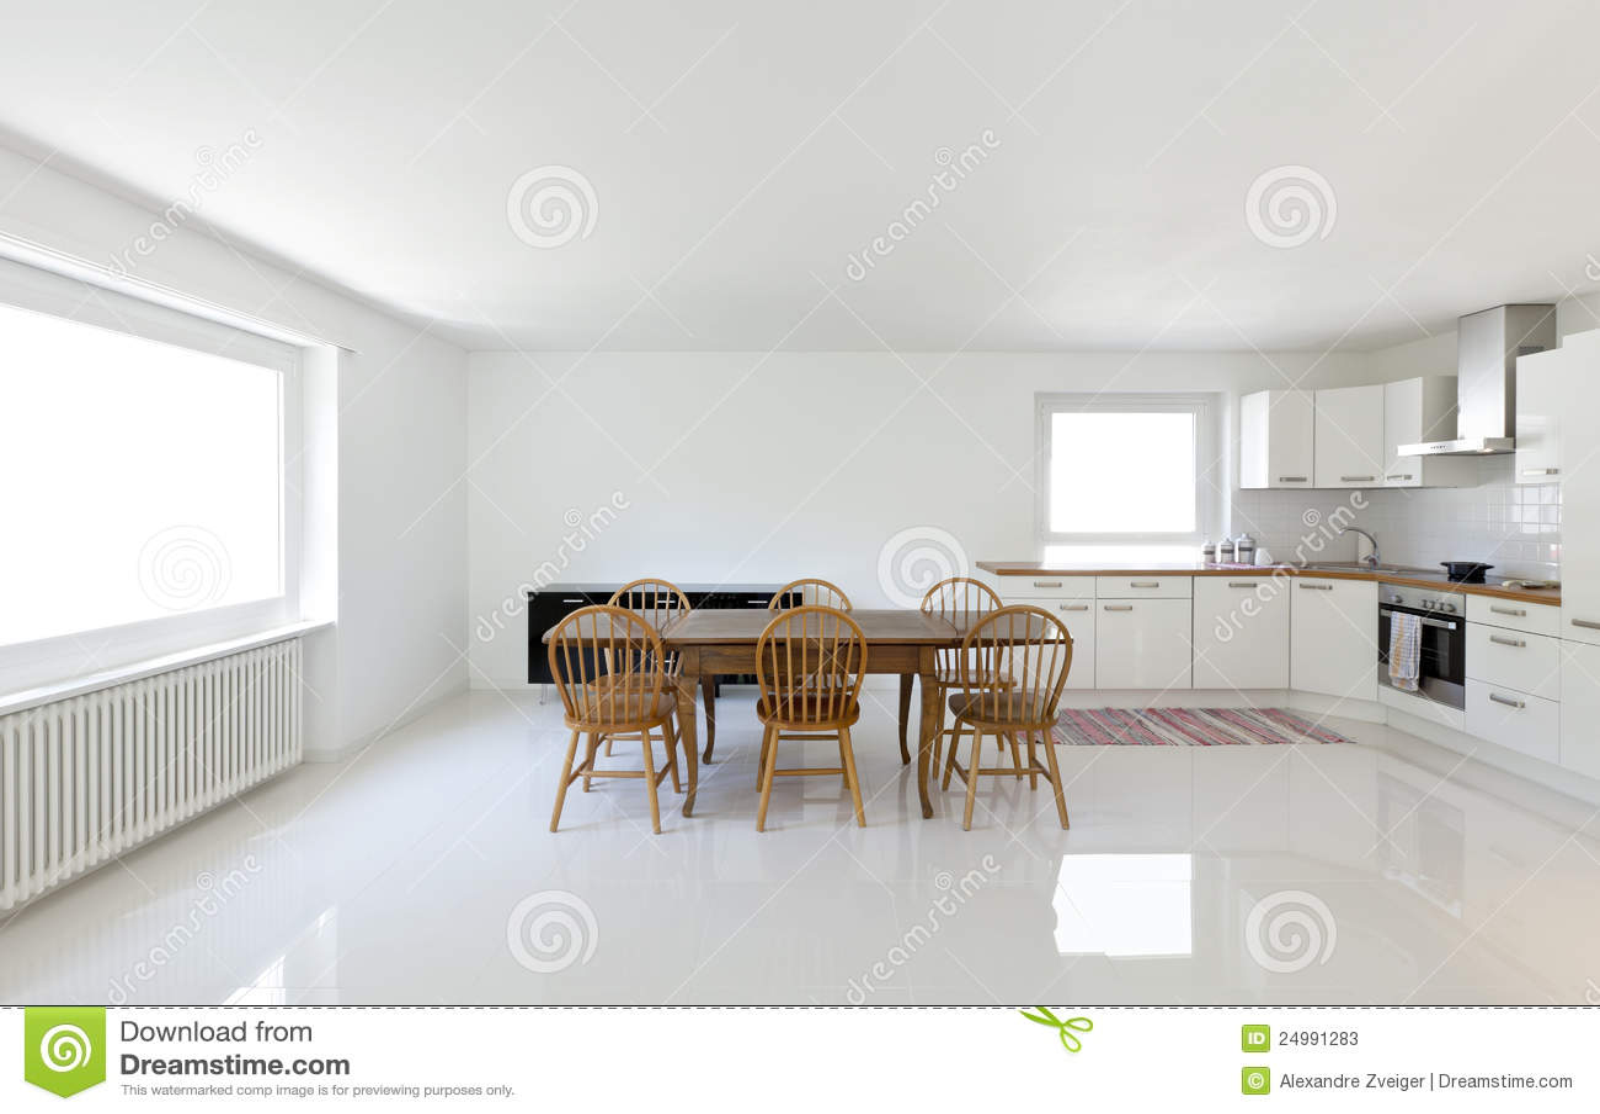 Keuken eettafel stock afbeelding afbeelding bestaande uit marmer